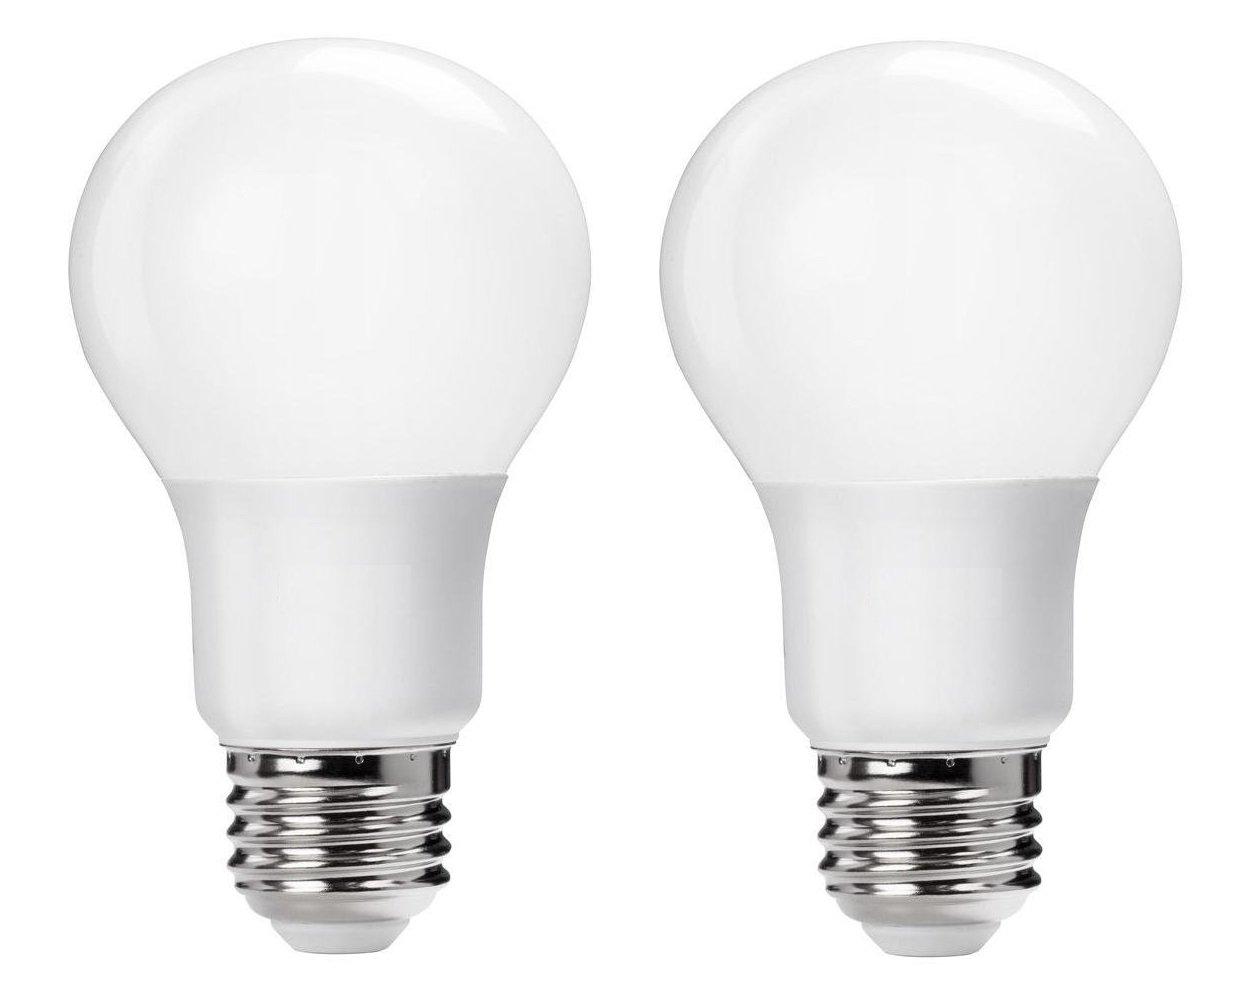 Soft White 2 Pack Ciata Lighting 60-Watt Equivalent 2700K A19 LED Light Bulb